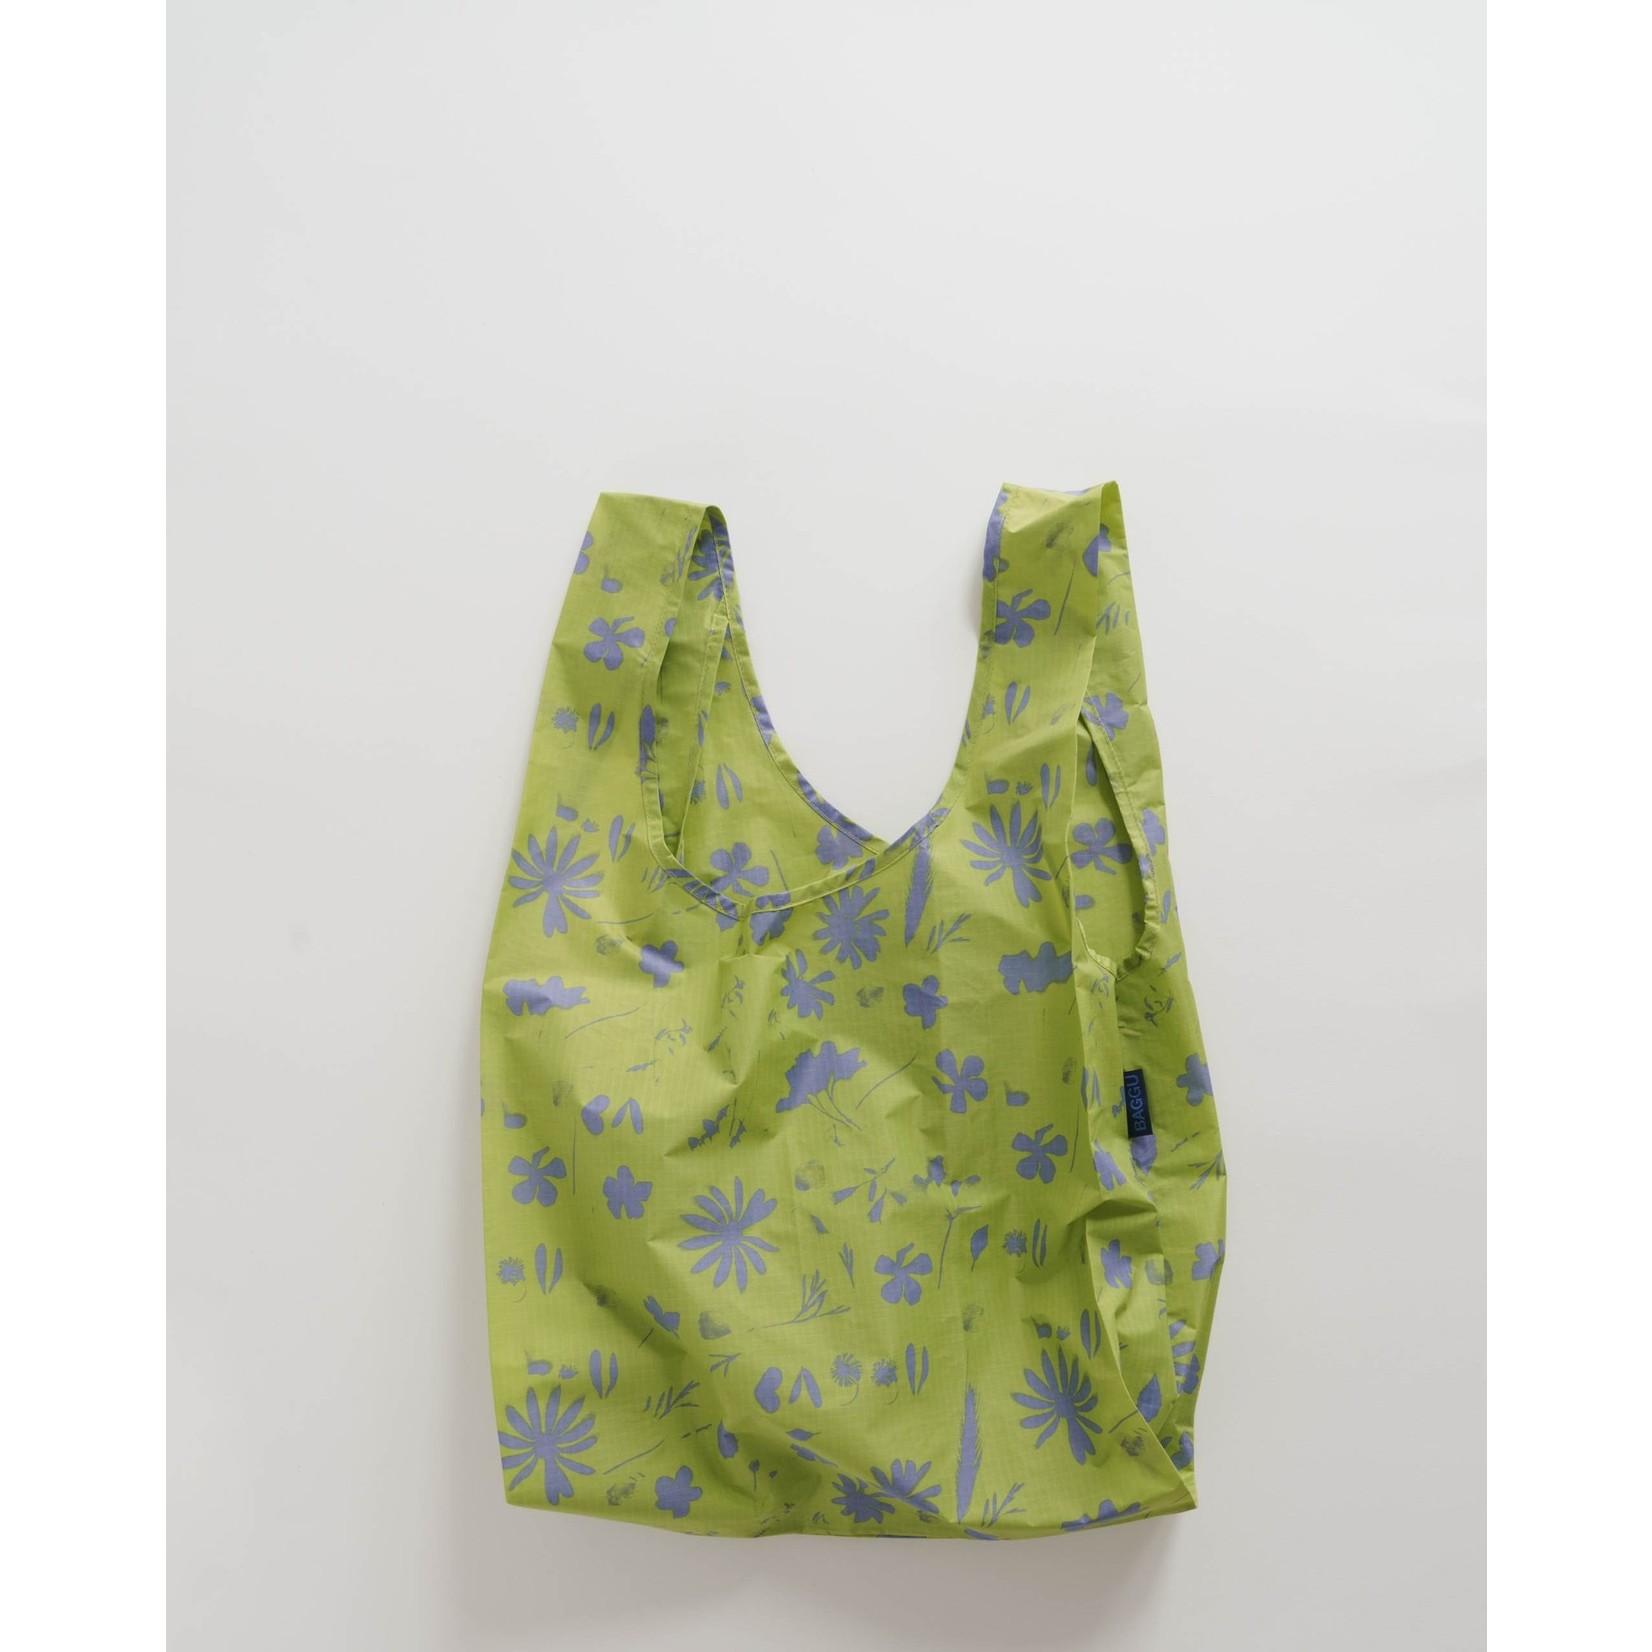 Baggu Bags